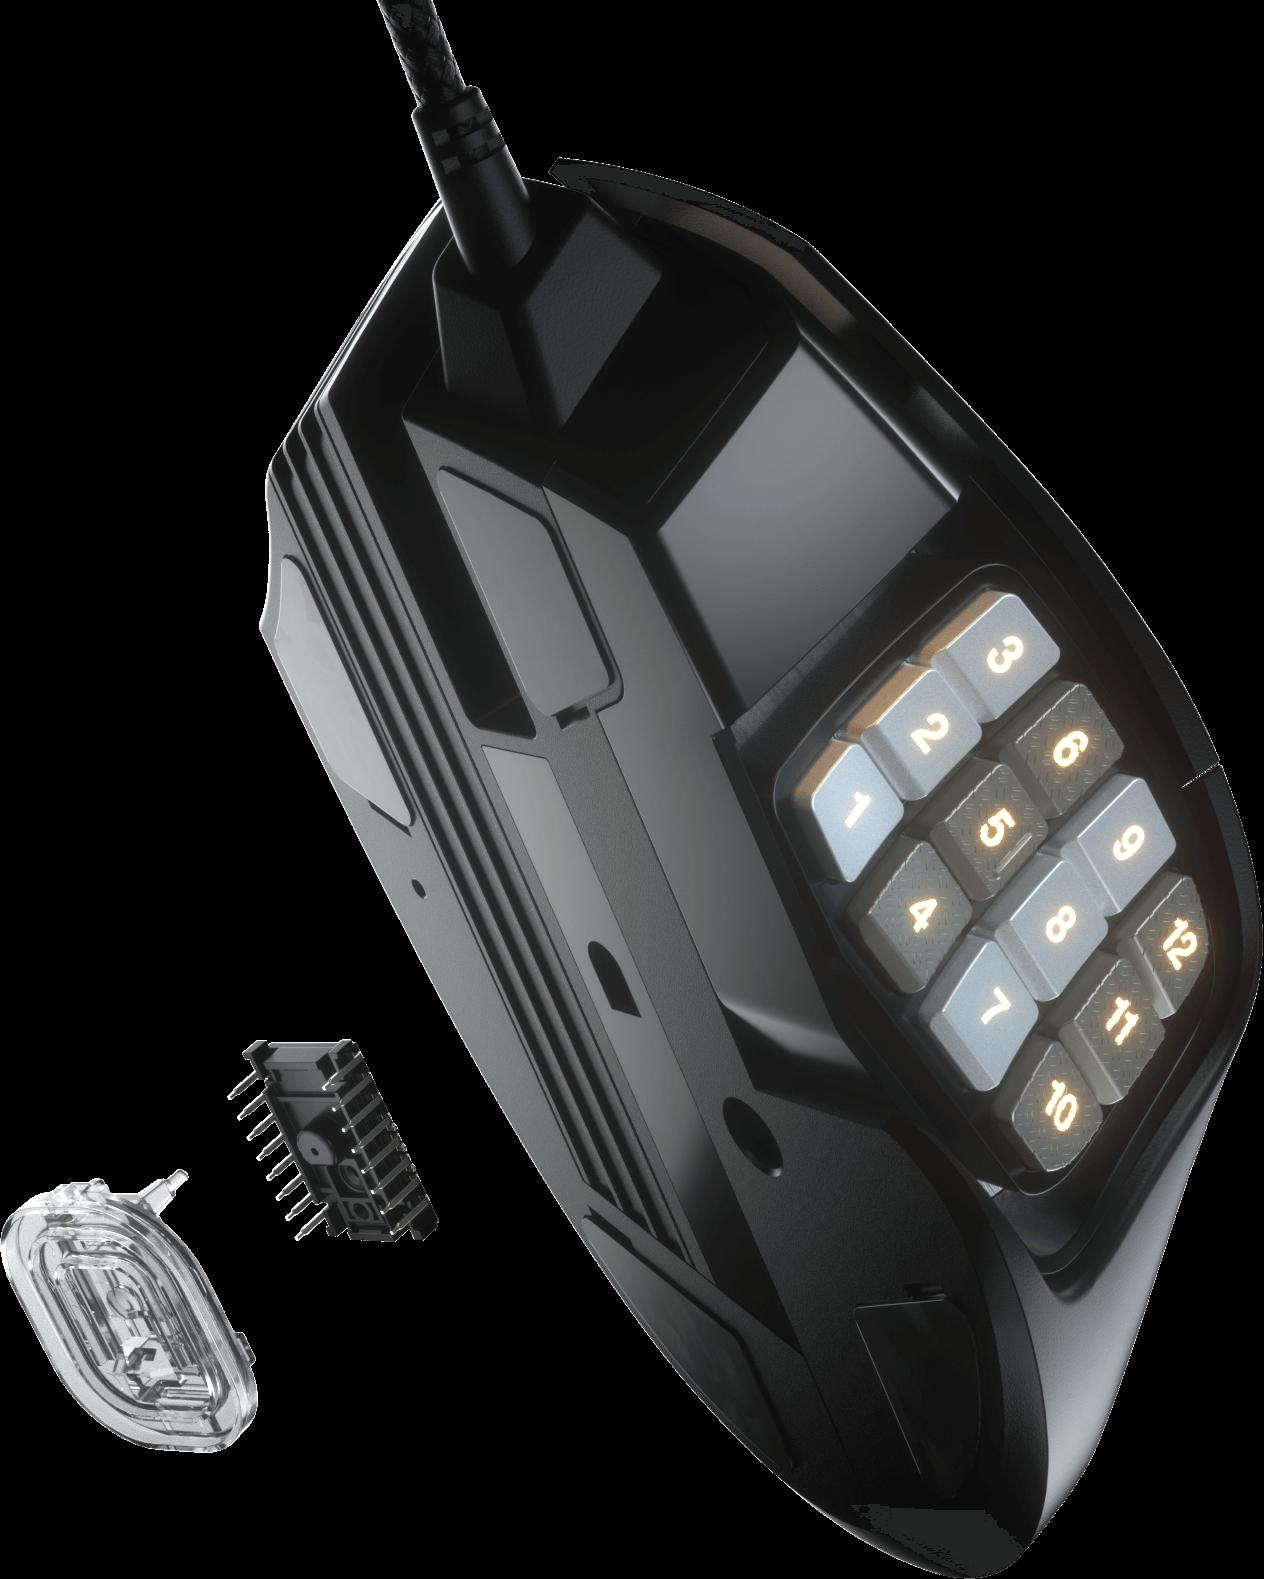 scimitar rgb elite blk sensor callout1